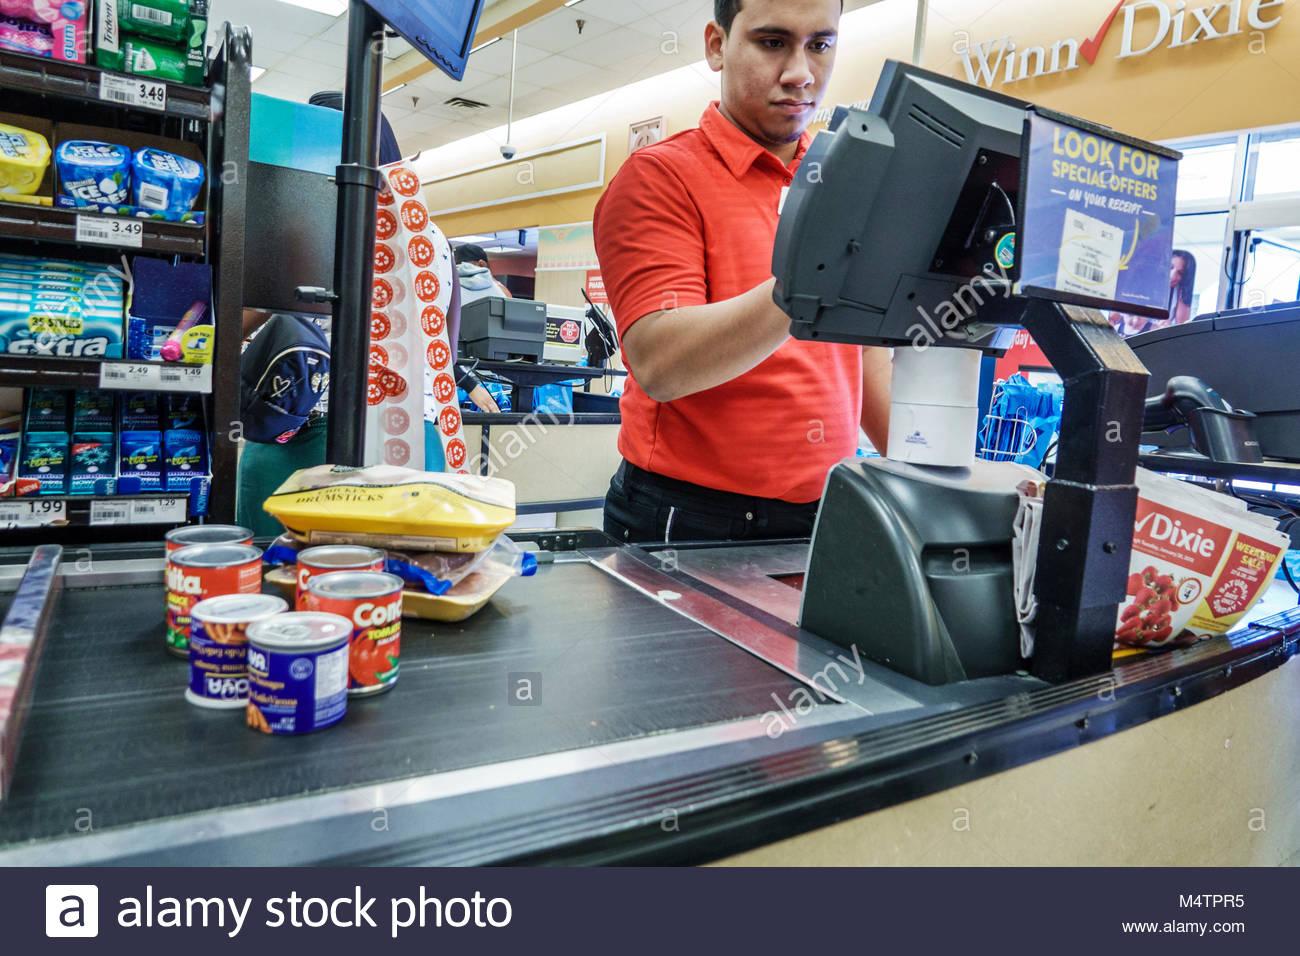 Großzügig Kassierer Pflichten Supermarkt Nimmt Proben Fotos - Entry ...